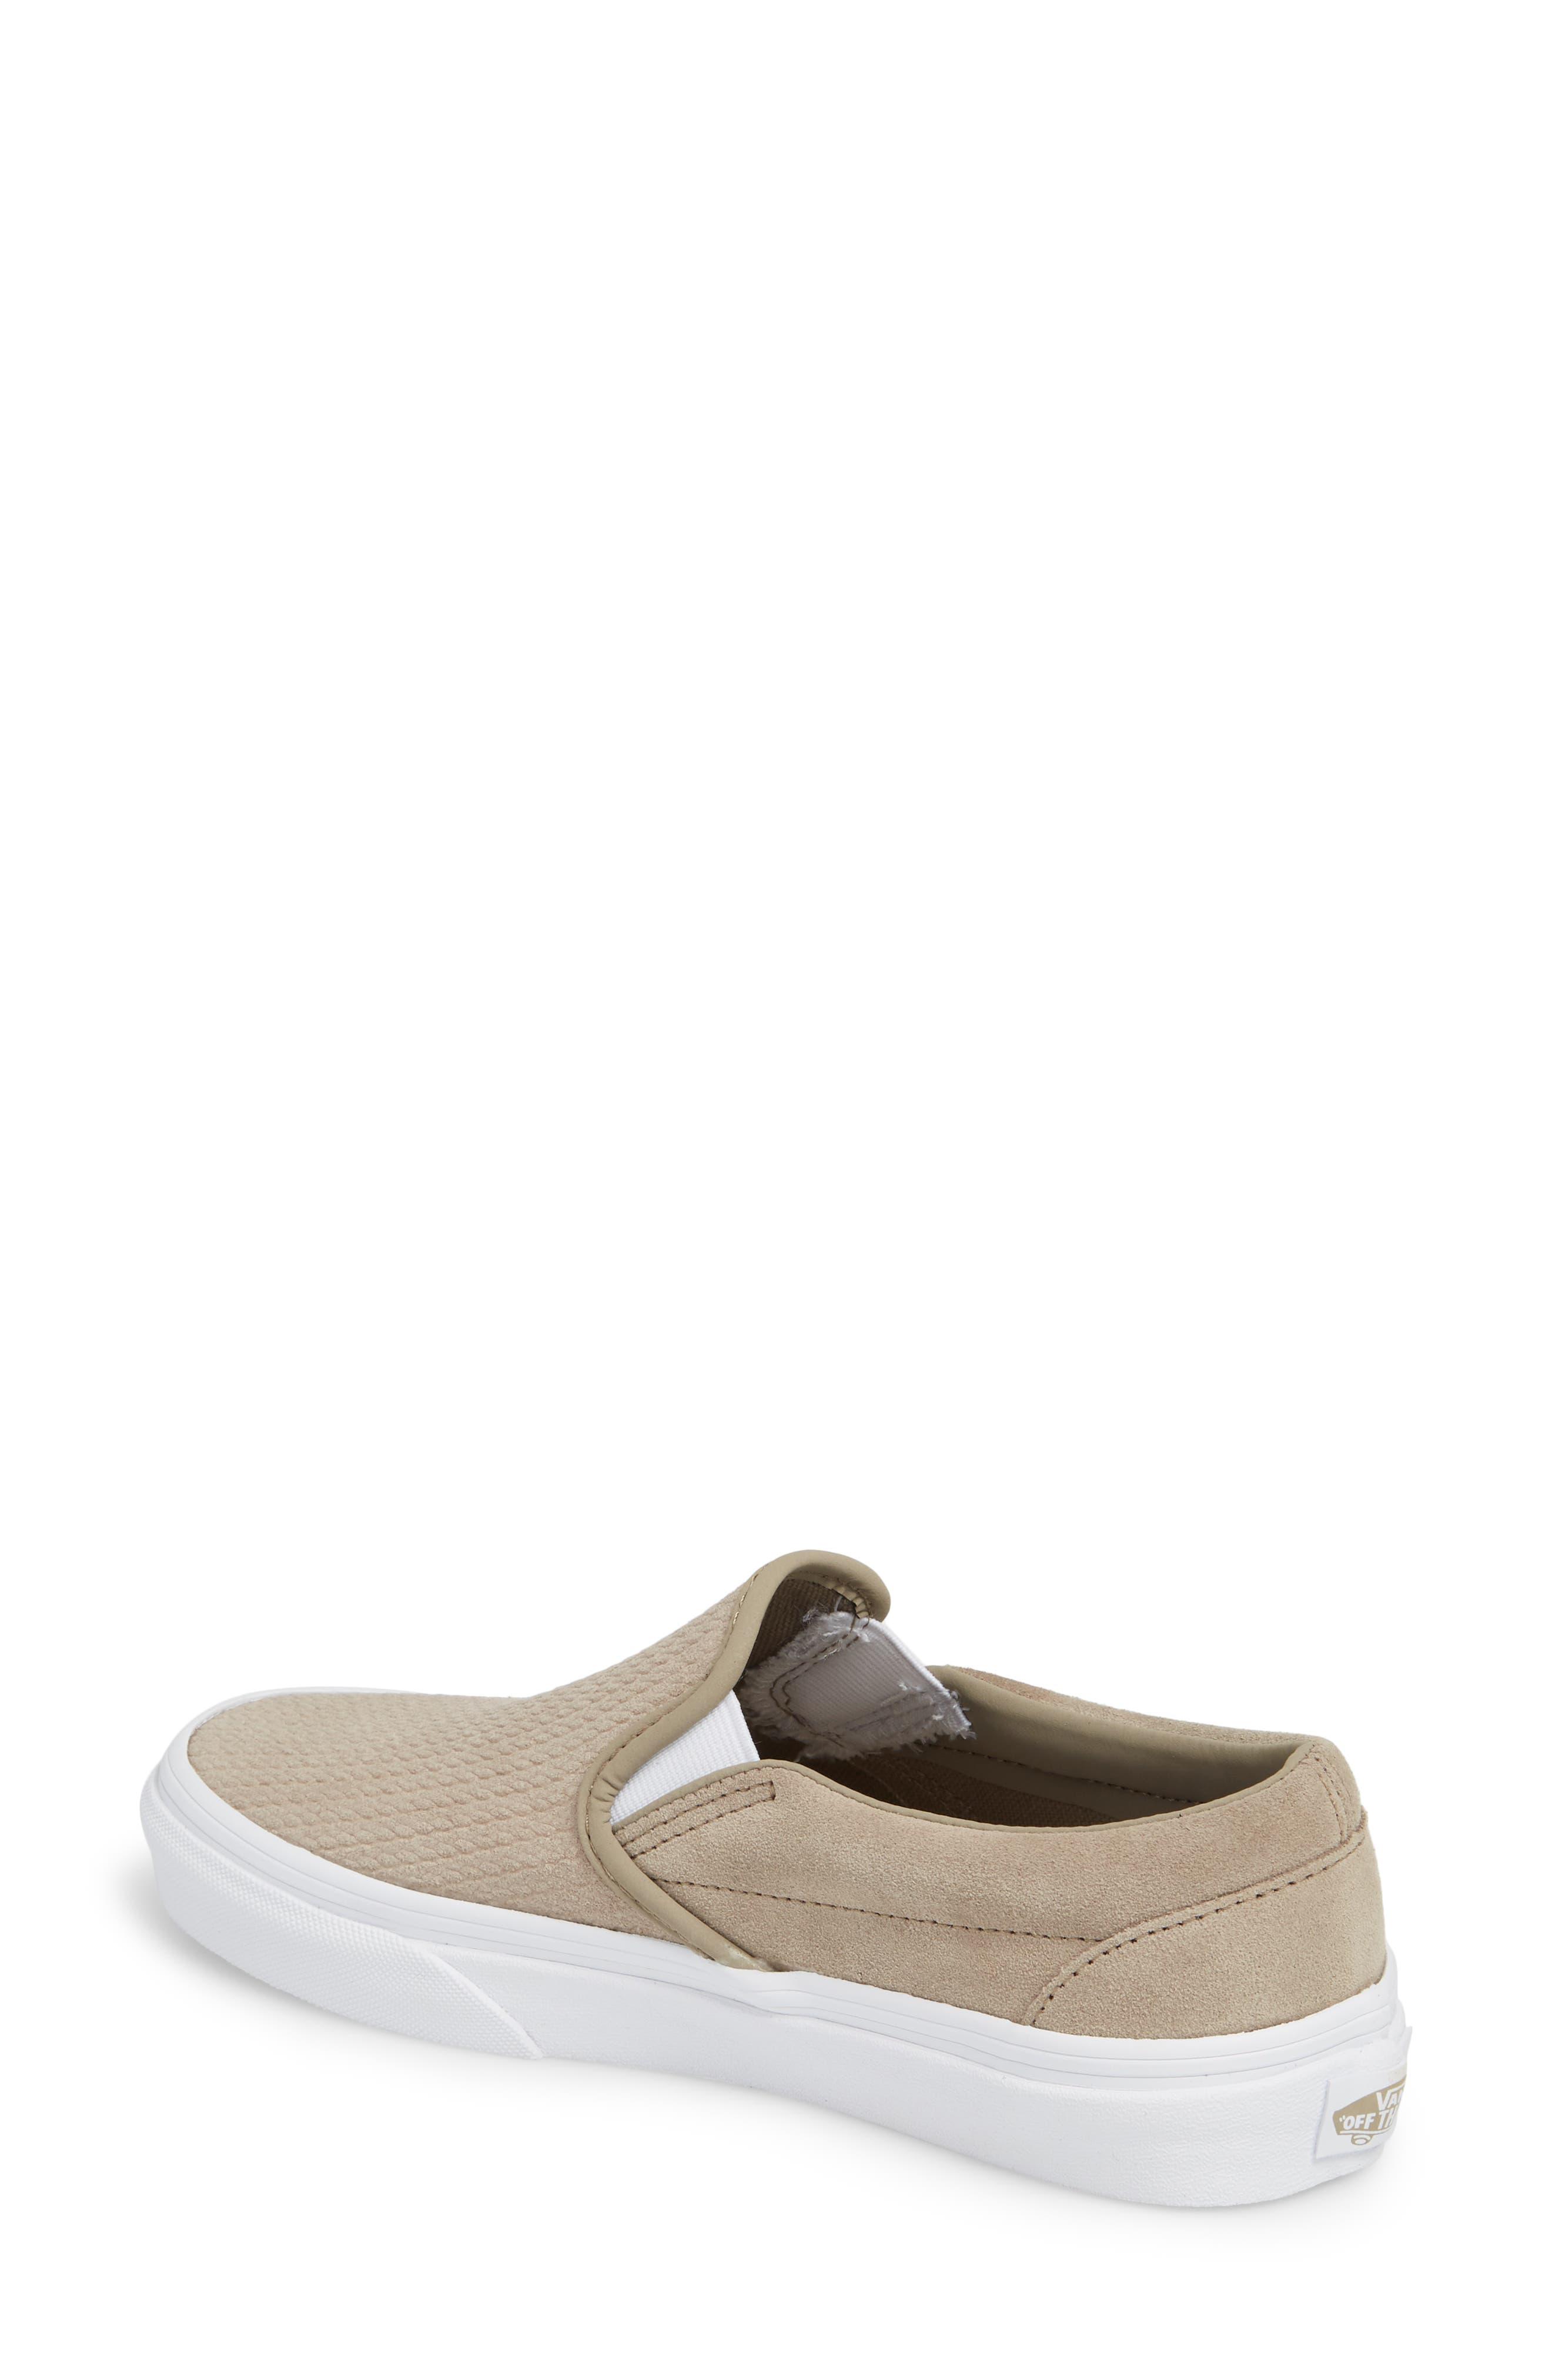 Classic Slip-On Sneaker,                             Alternate thumbnail 2, color,                             DESERT TAUPE/ EMBOSS SUEDE